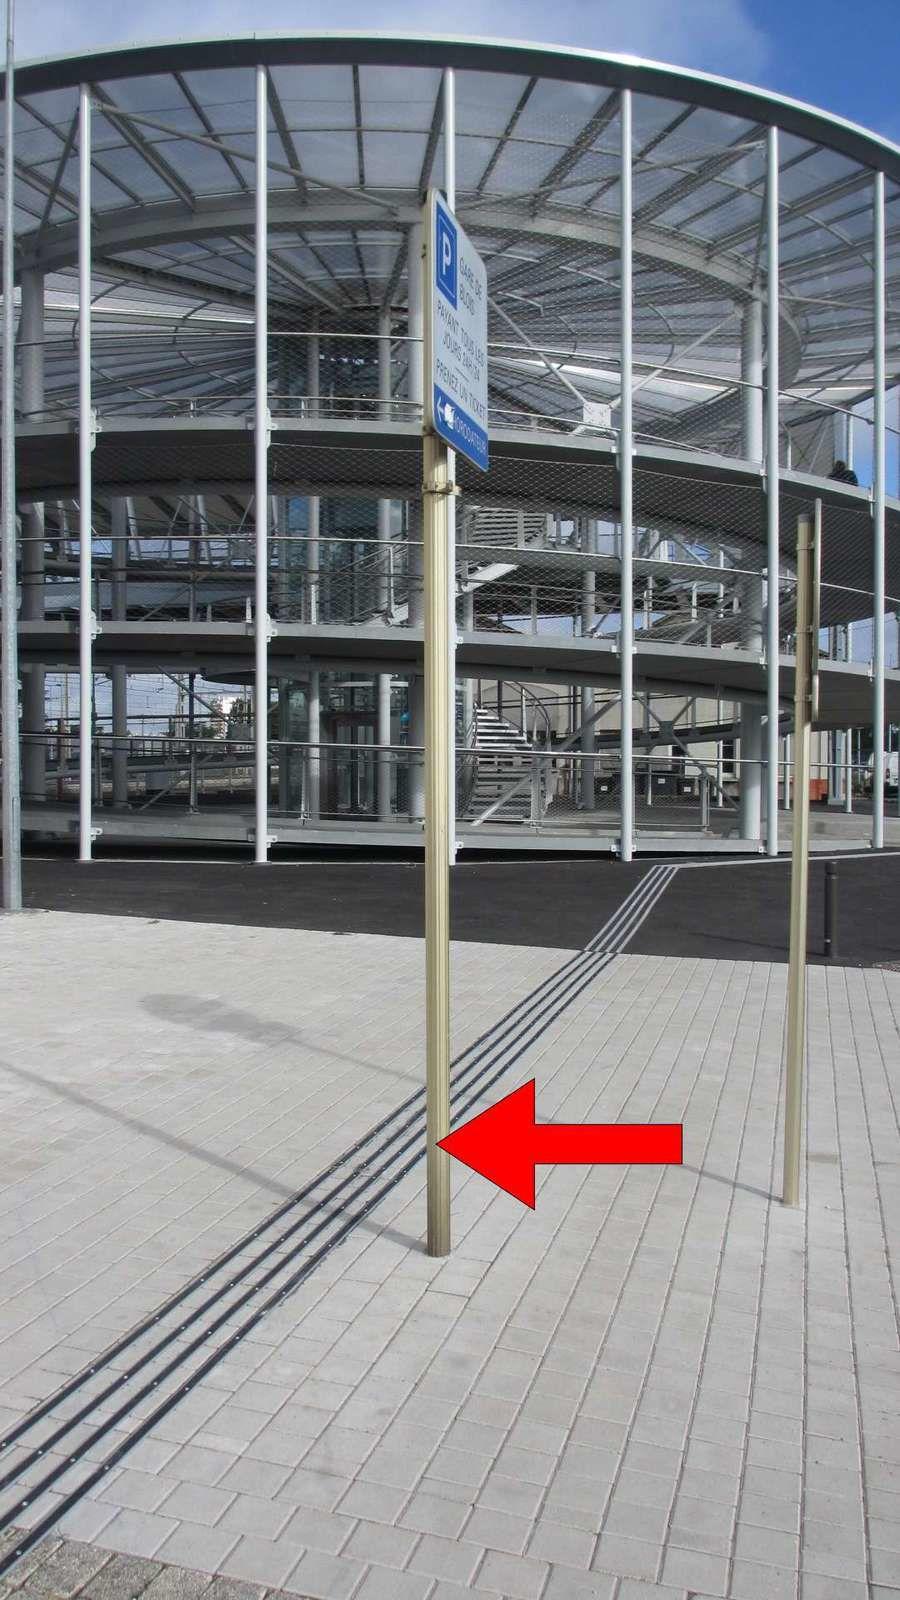 Gare de Blois- un panneau sur une bande de guidage pour personne aveugle constitue un obstacle